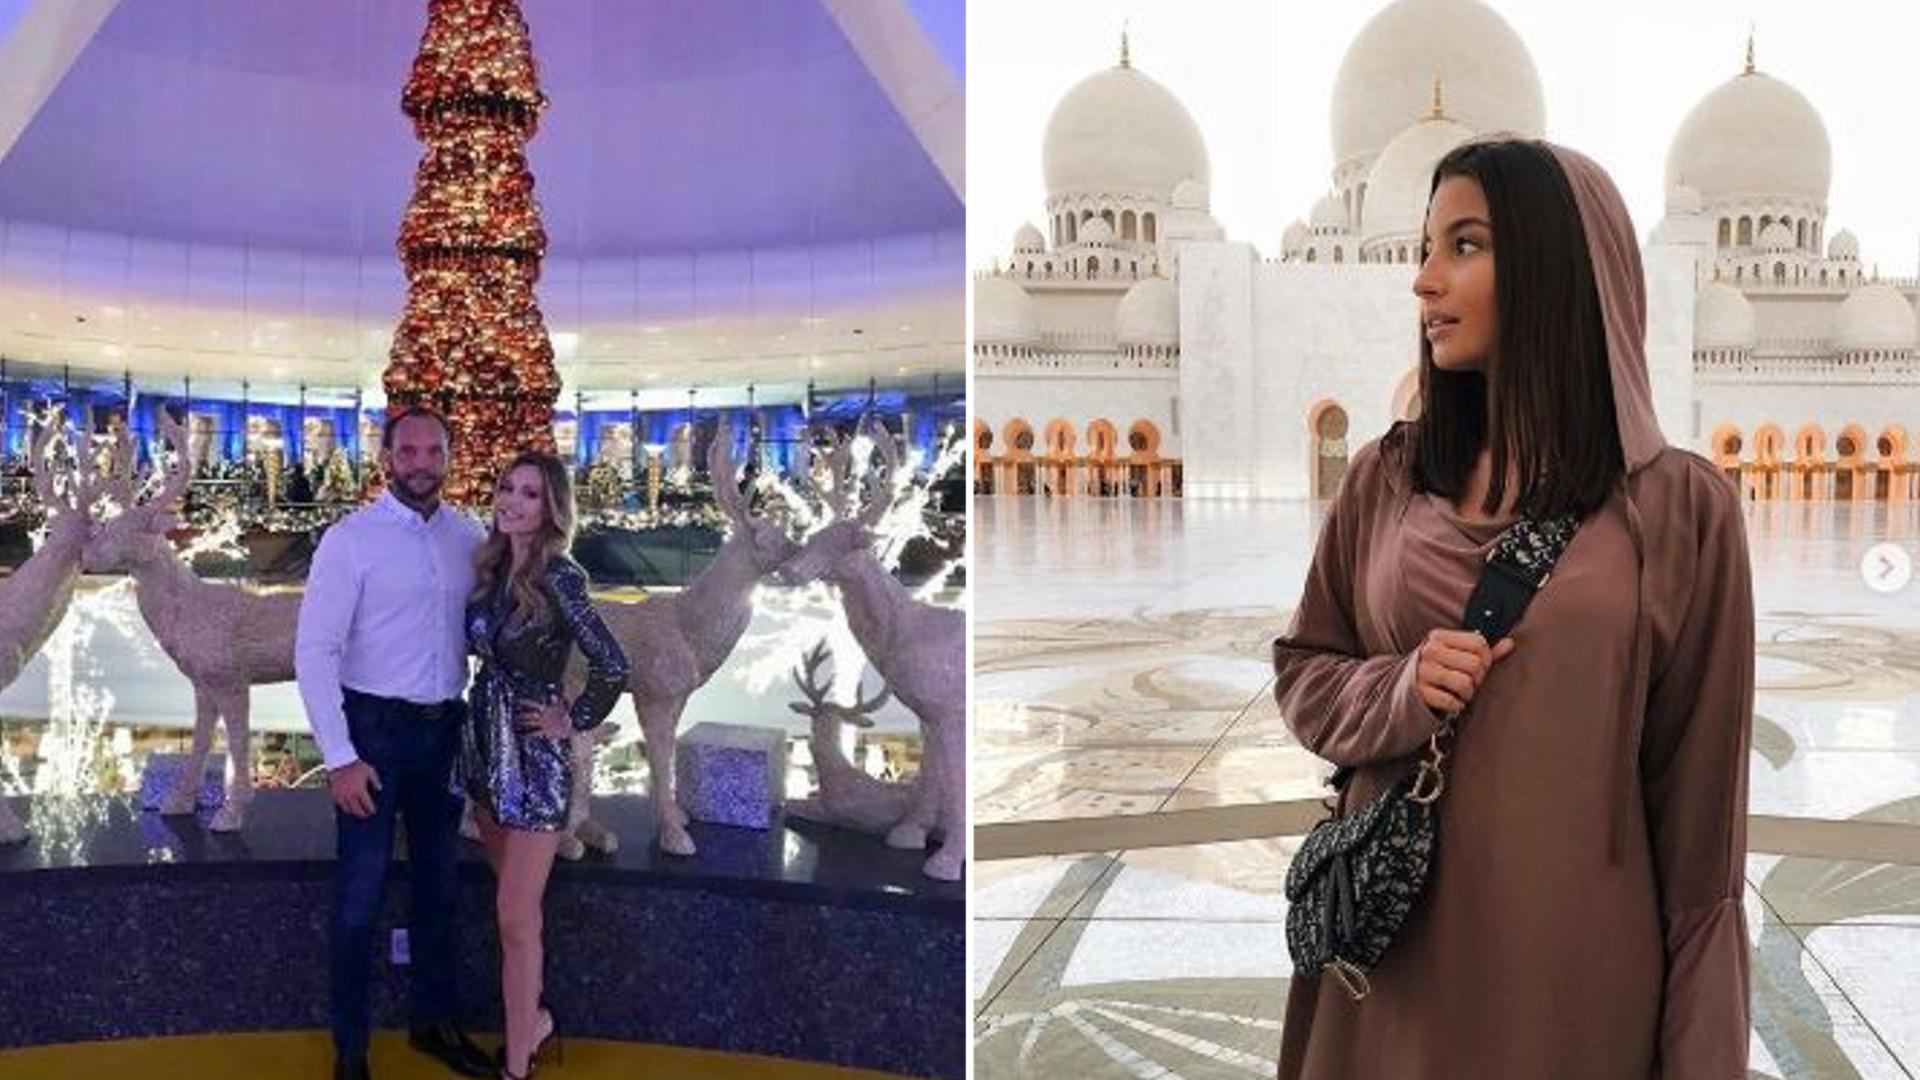 Co takiego jest w Dubaju, że lecą tam wszystkie polskie gwiazdy?